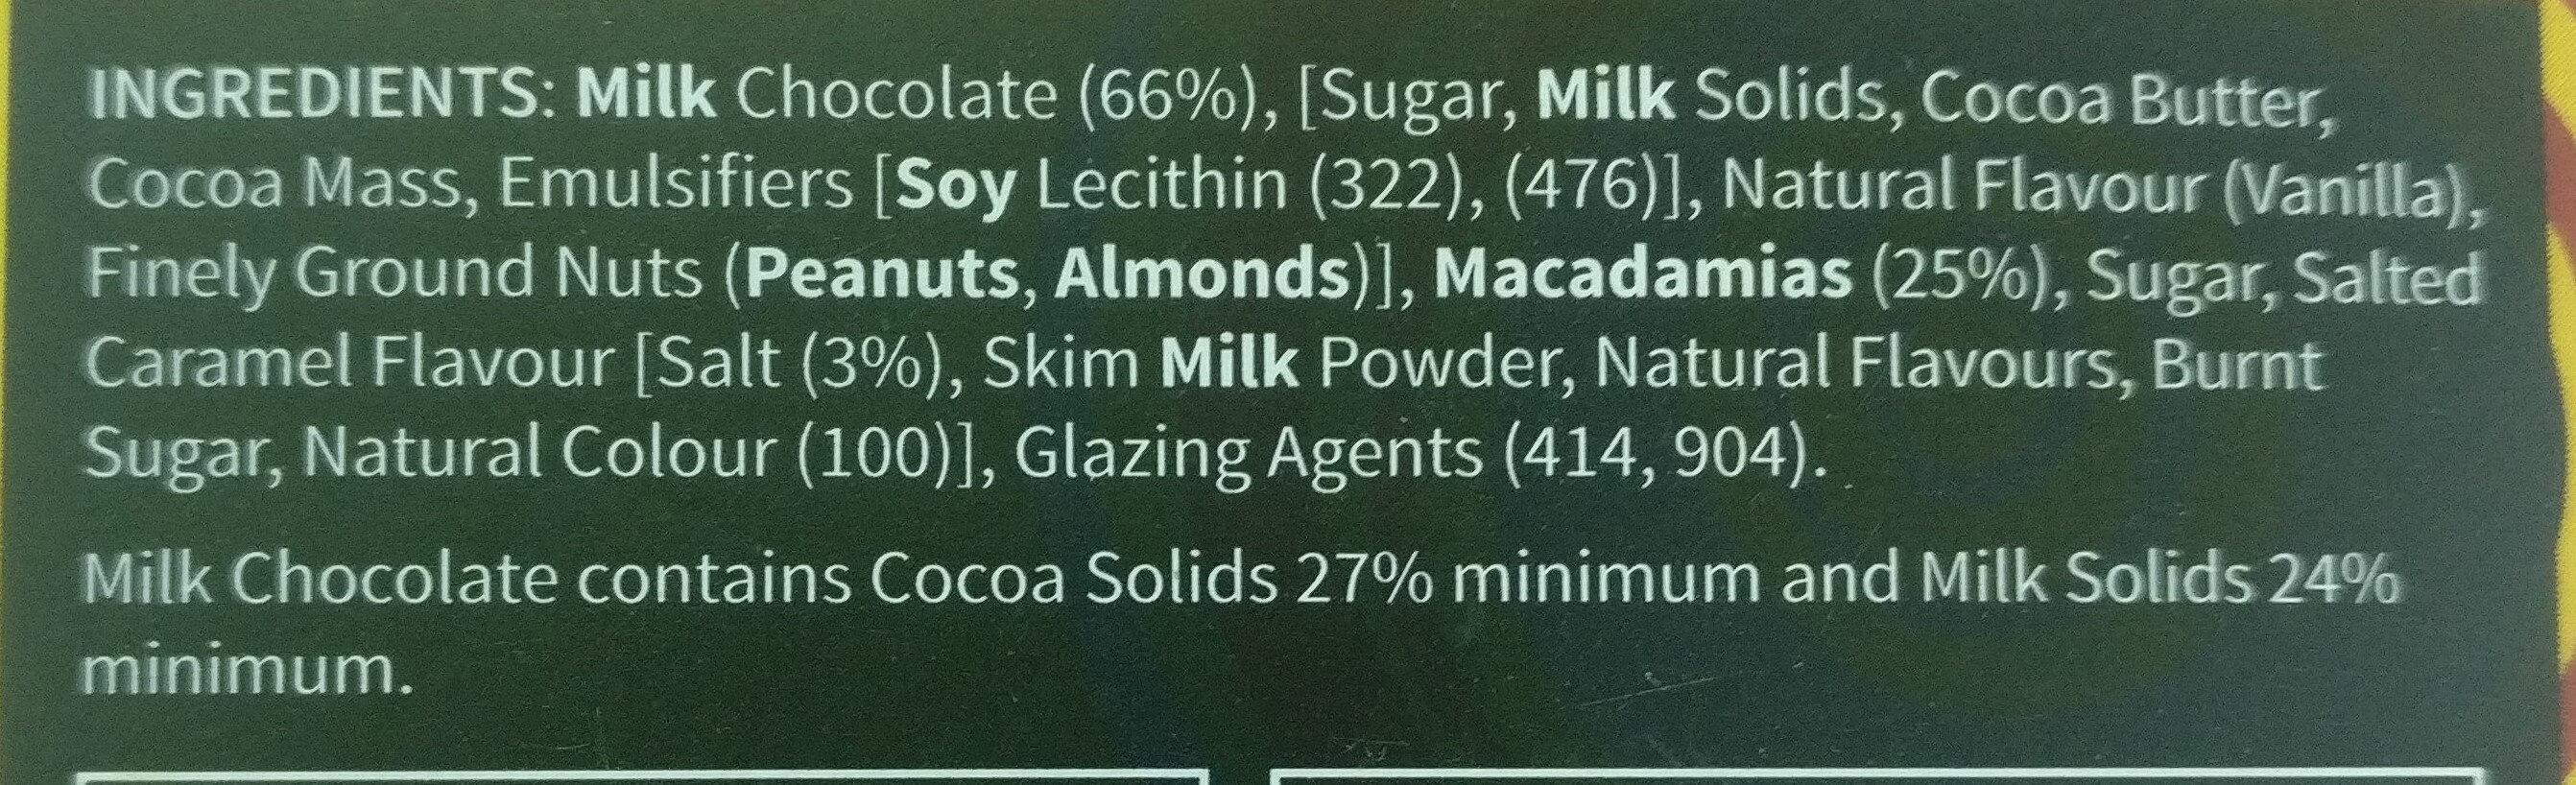 Chocolate Macadamias Salted Caramel - Ingredients - en